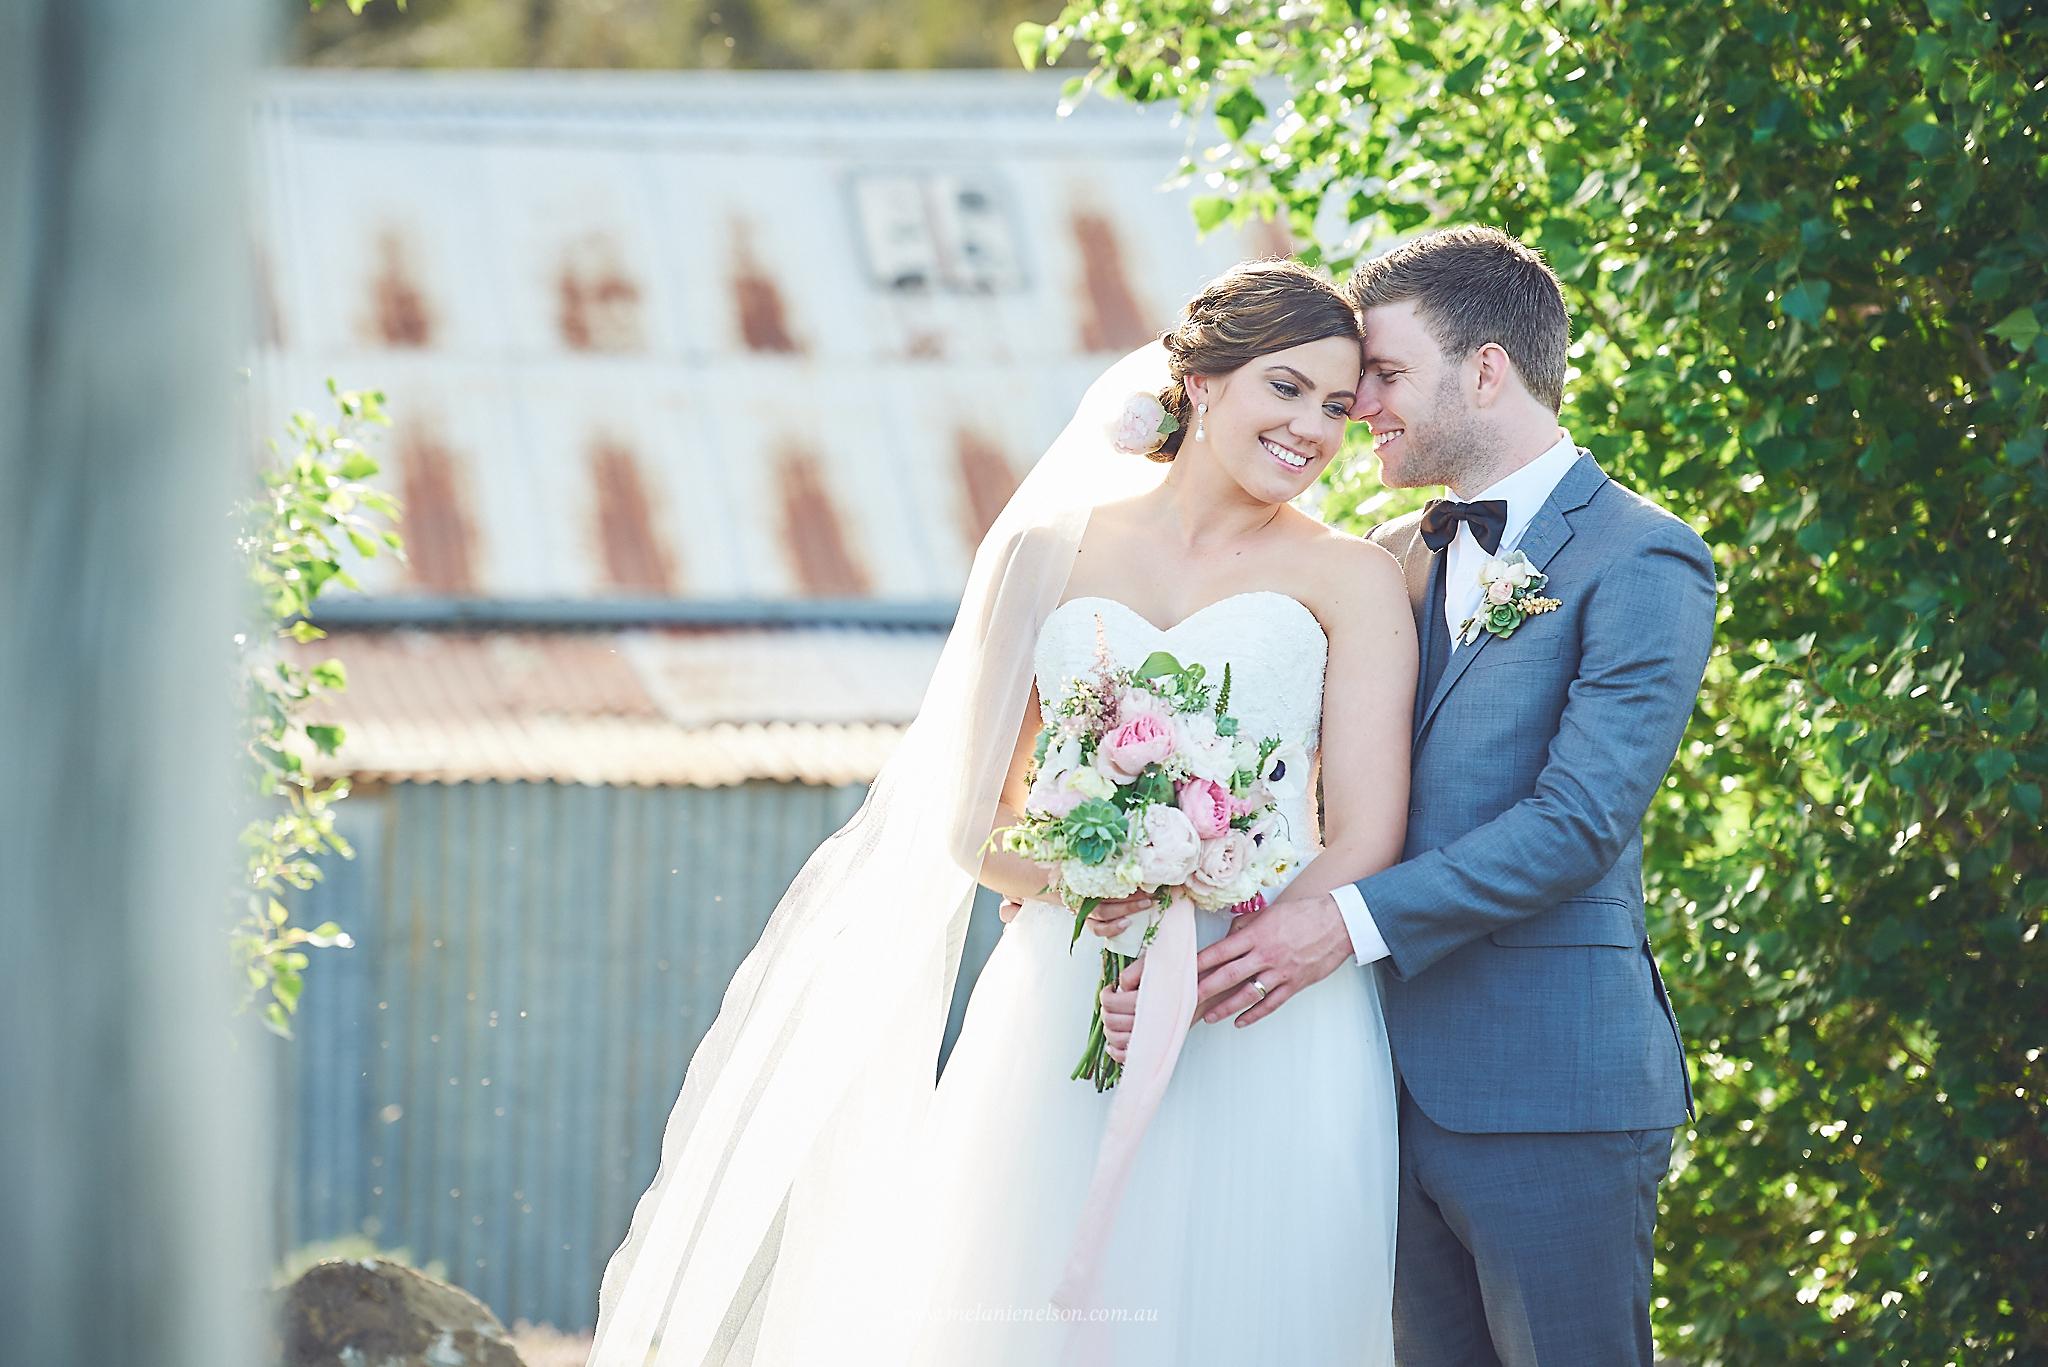 howards_vineyard_wedding_0015.jpg